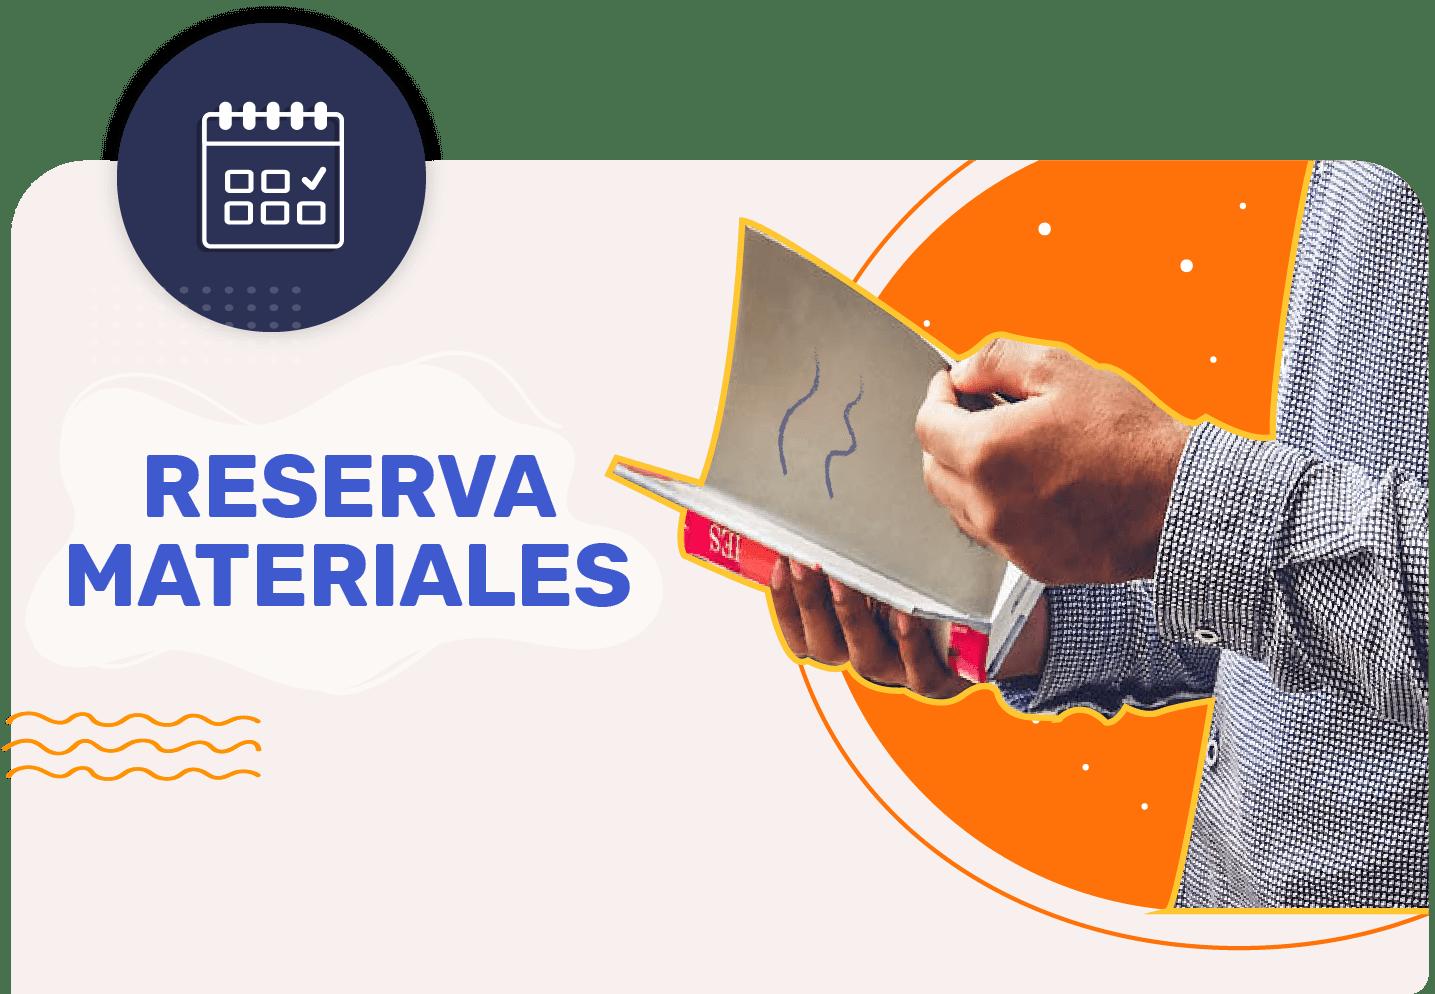 Reserva Materiales - SBPM